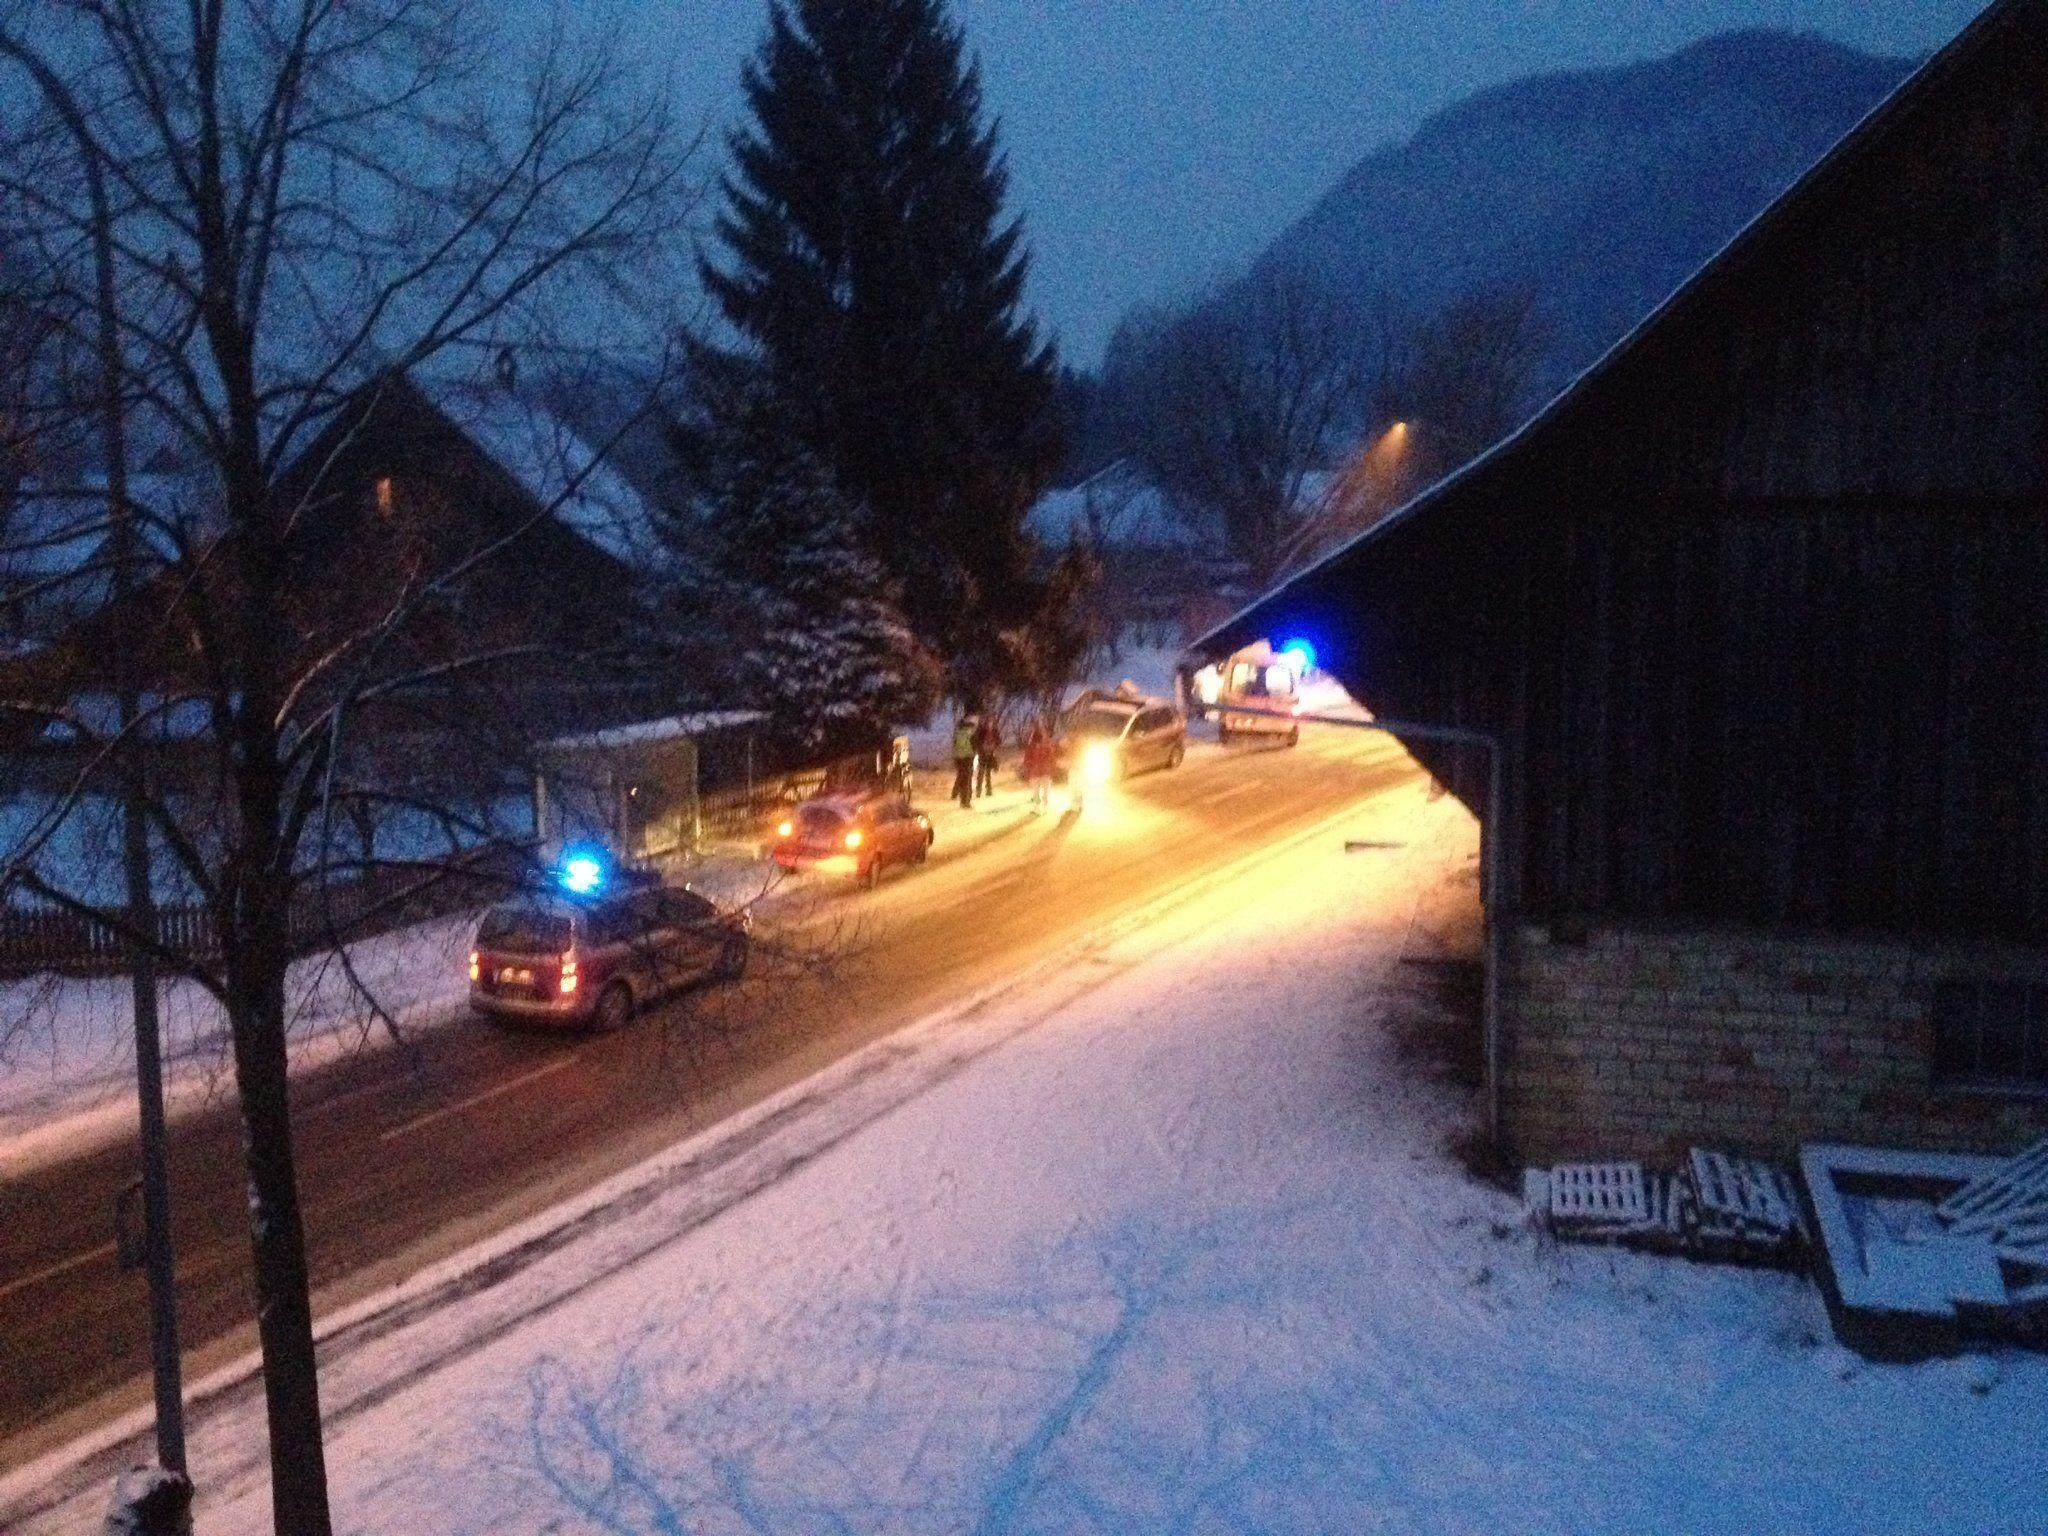 2012-02-10 - Verkehrsunfall in Mäder - Reichshofstrasse zwischen JÜRGEN-SAT.TV und Gasthaus Adler